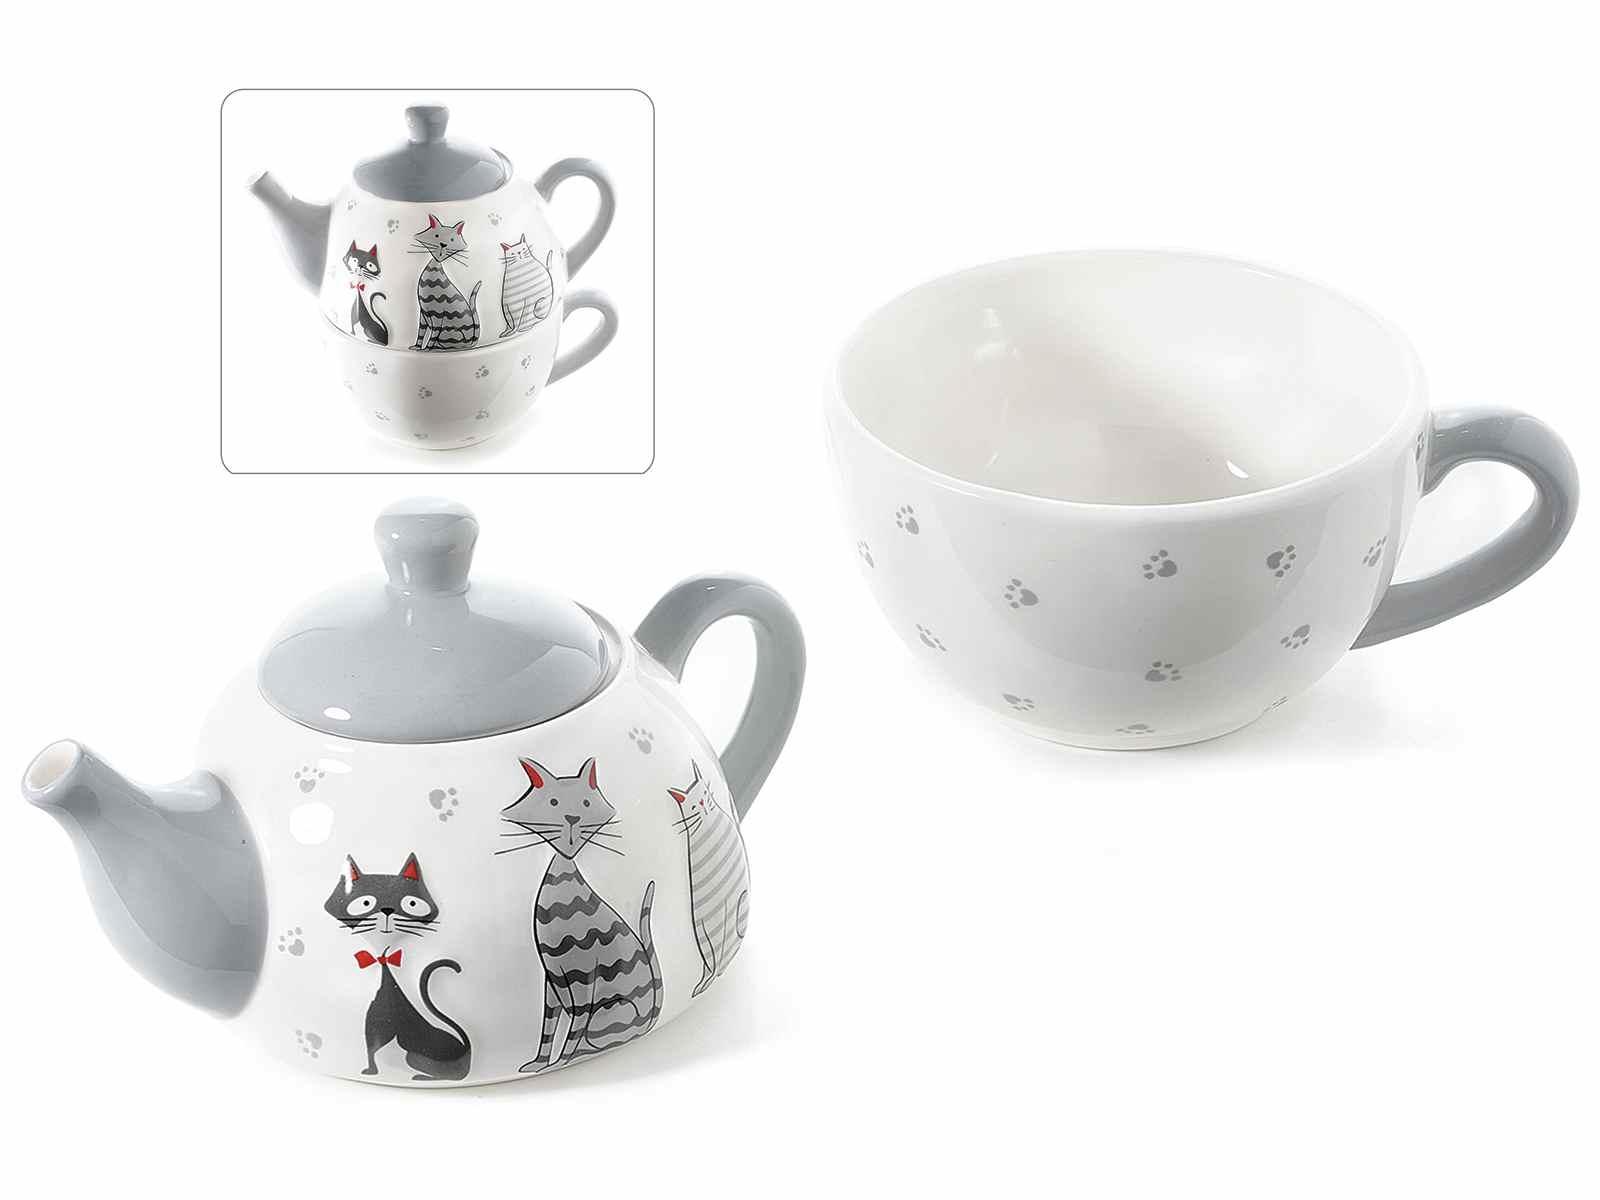 Teiera e tazza in ceramica con disegnato dei Gattini (713583)